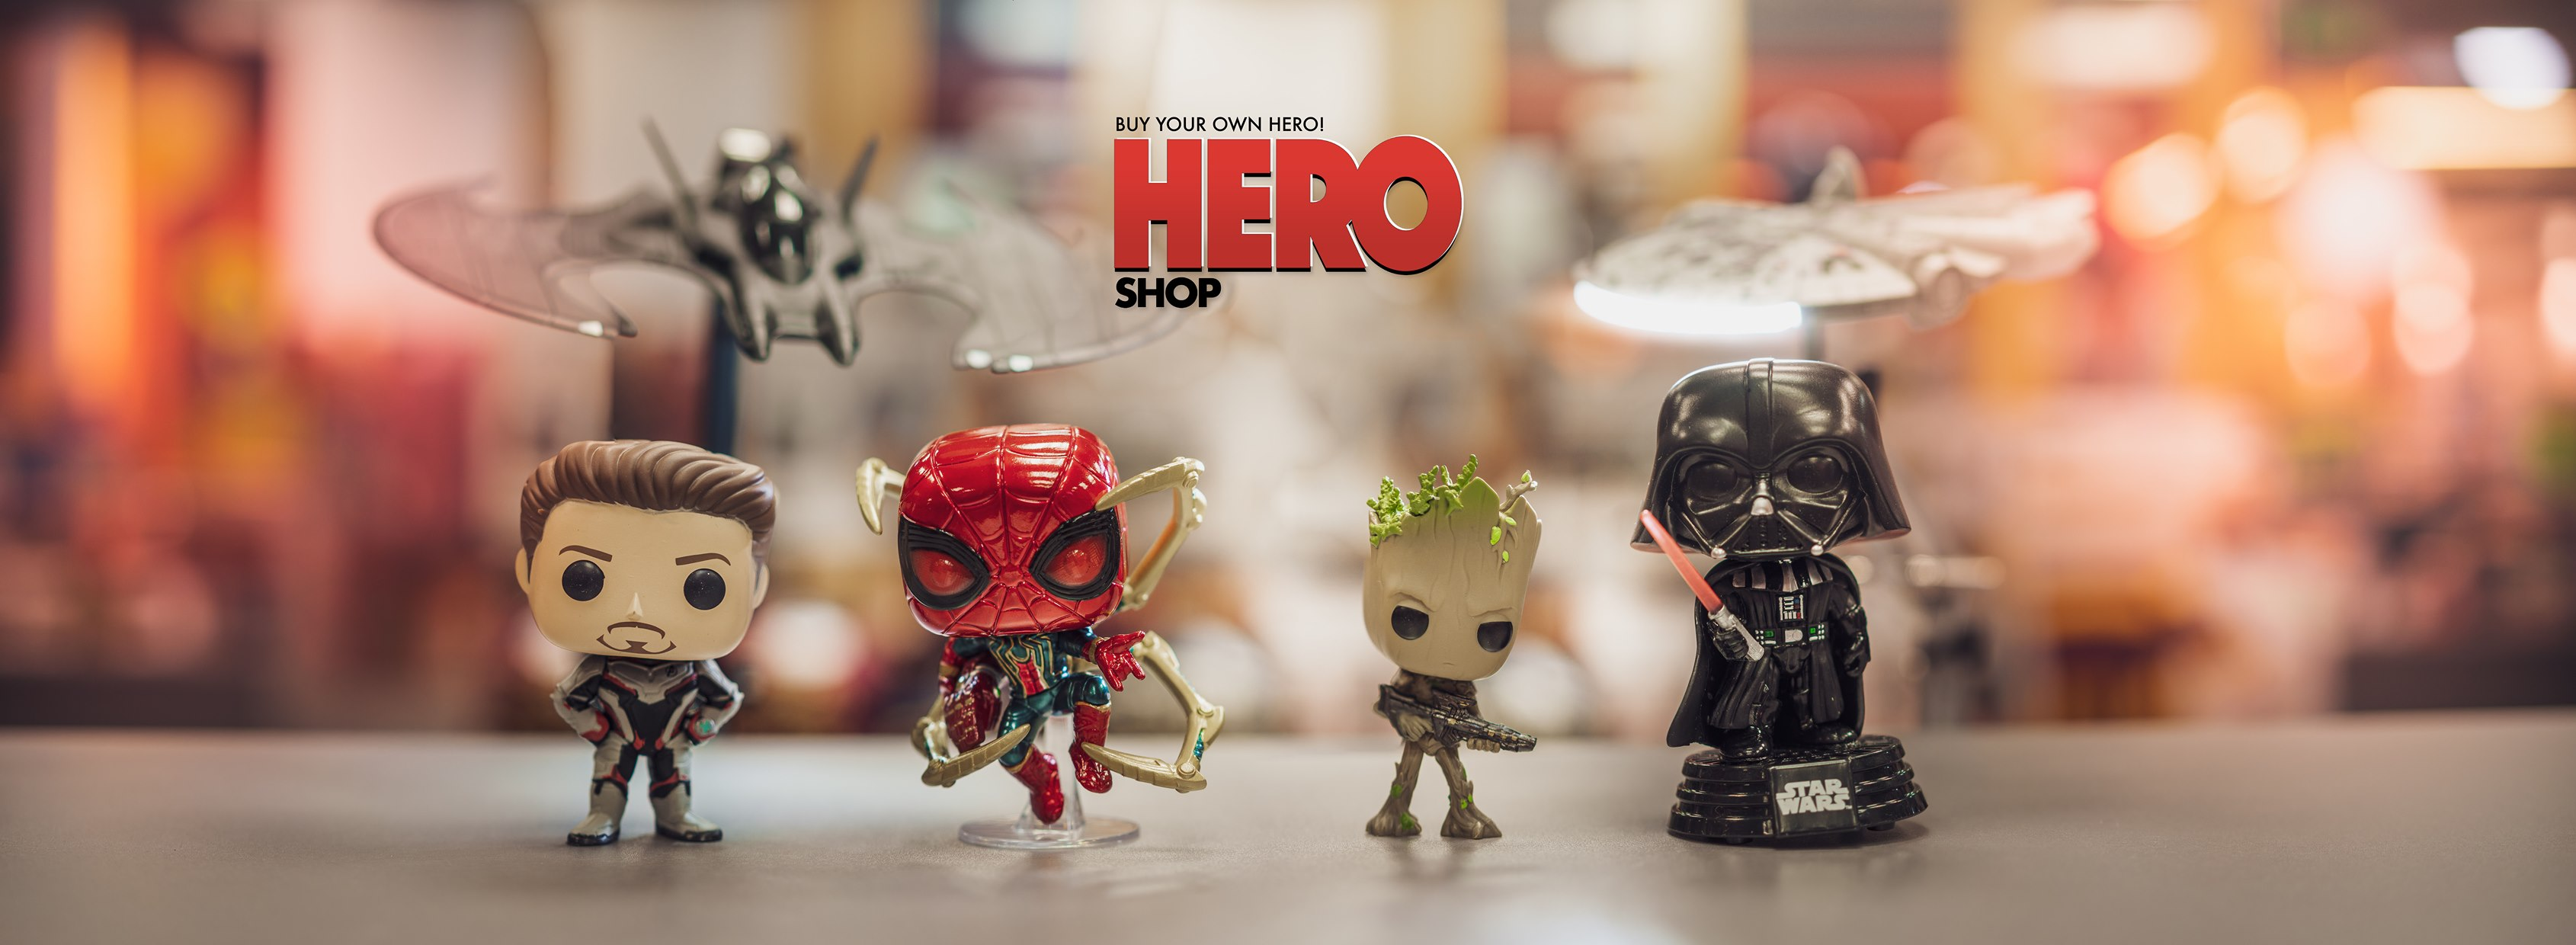 HERO SHOP - obchod plný hrdinů